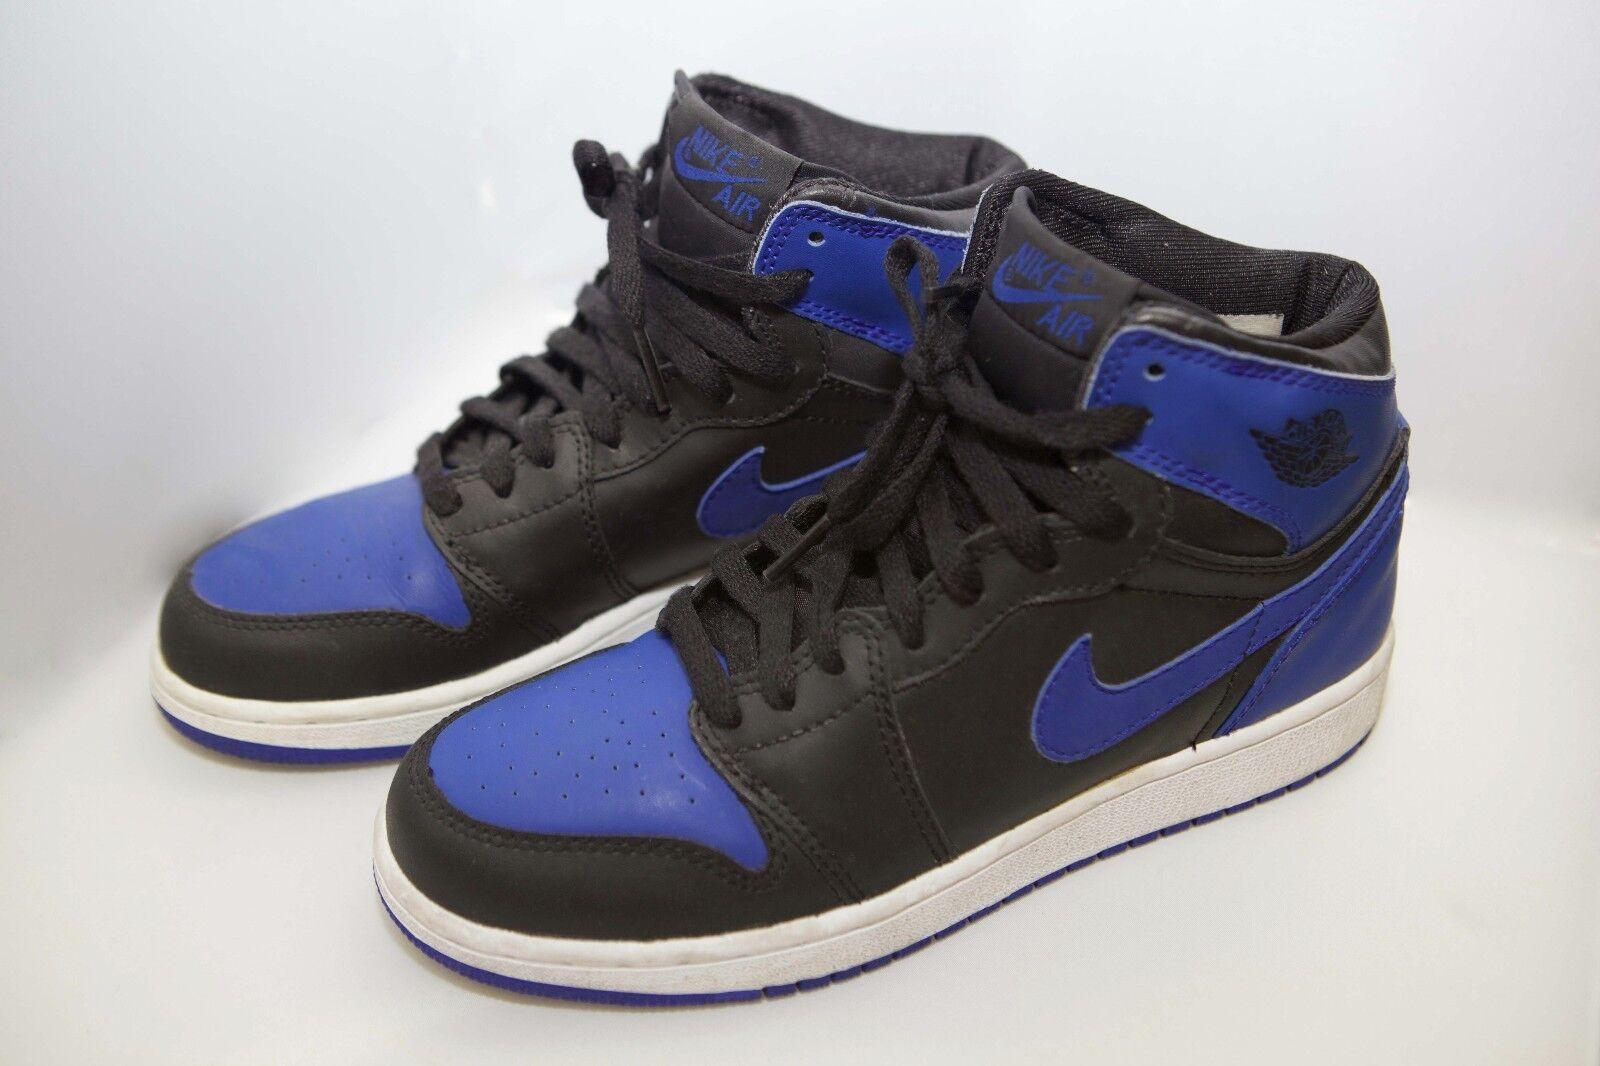 Nike Air Jordan Retro 1 tamaño y 6 2018 Negro autentico Royal Azul High og autentico Negro comodo y atractivo 28c49e